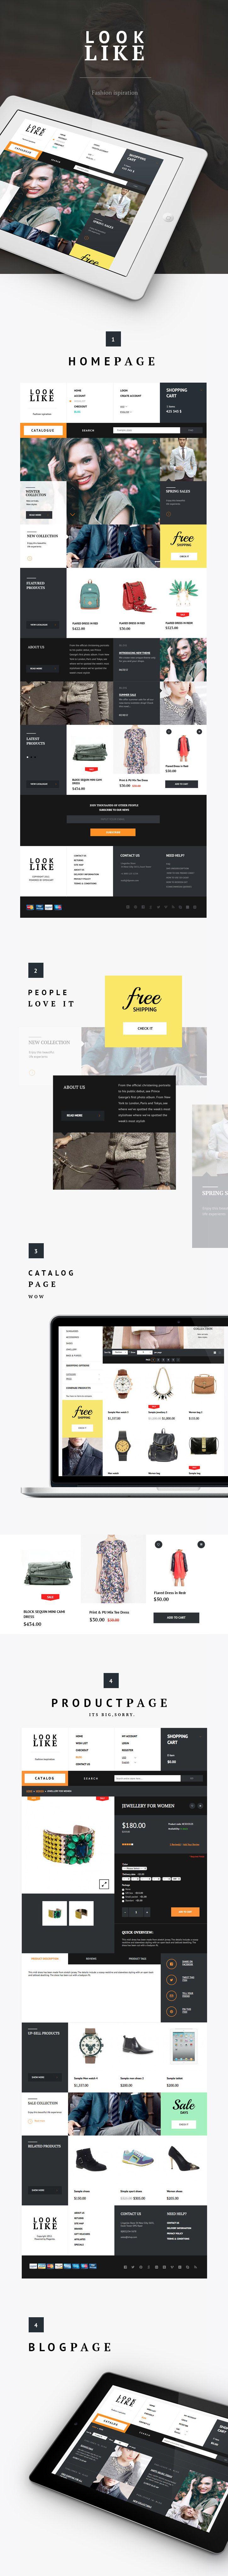 LOOKLIKE design // Ann Tereschenko http://www.webdesignserved.com/gallery/LOOKLIKE/12671199